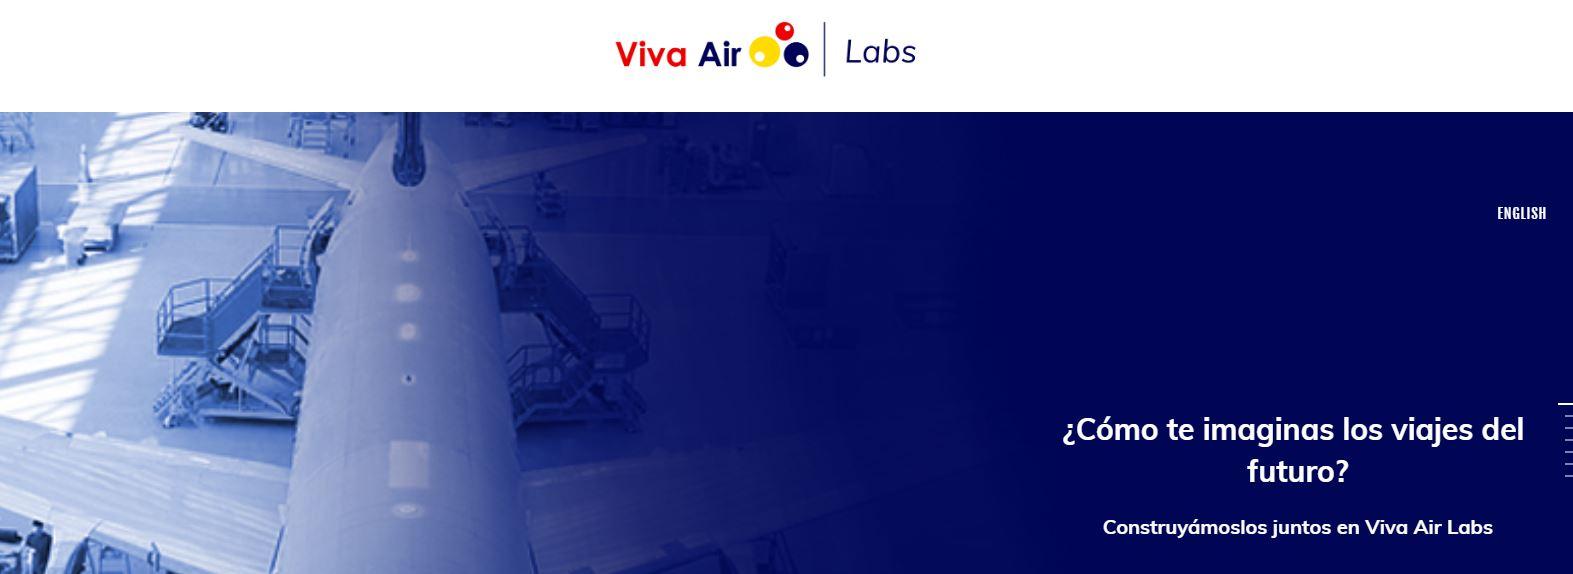 Viva Air Labs, primer laboratorio de innovación de aerolíneas de la región